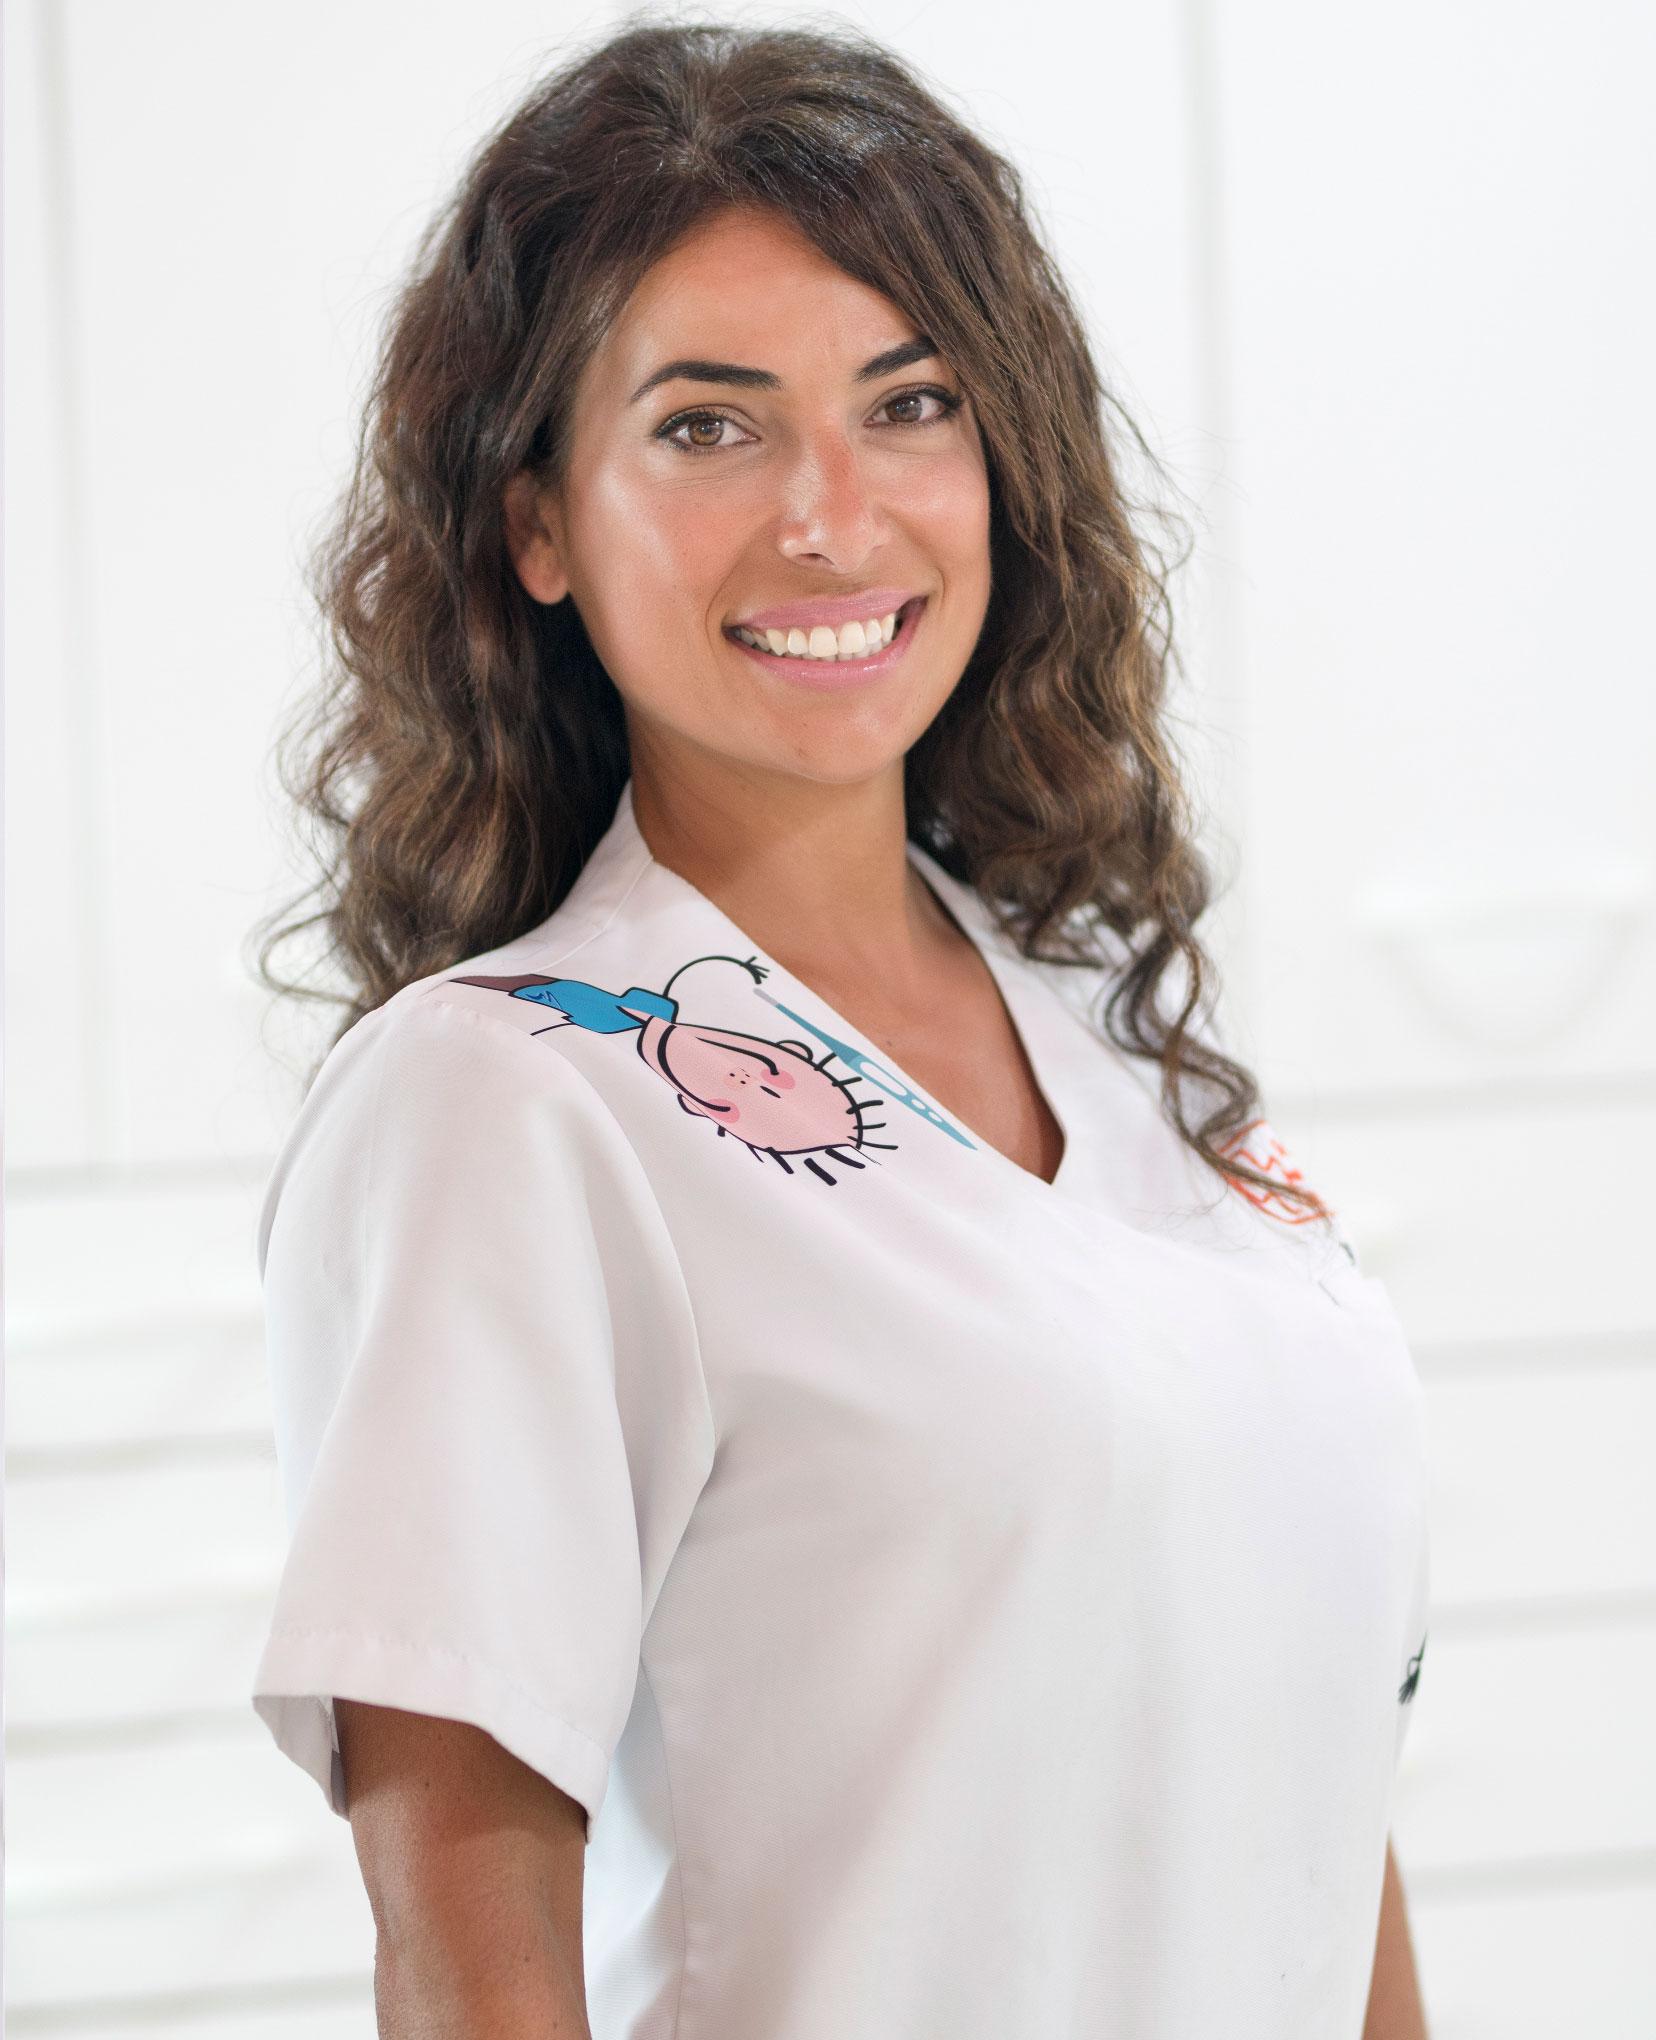 Sonia-Dominguez-Bello-farmacia-la-zamora